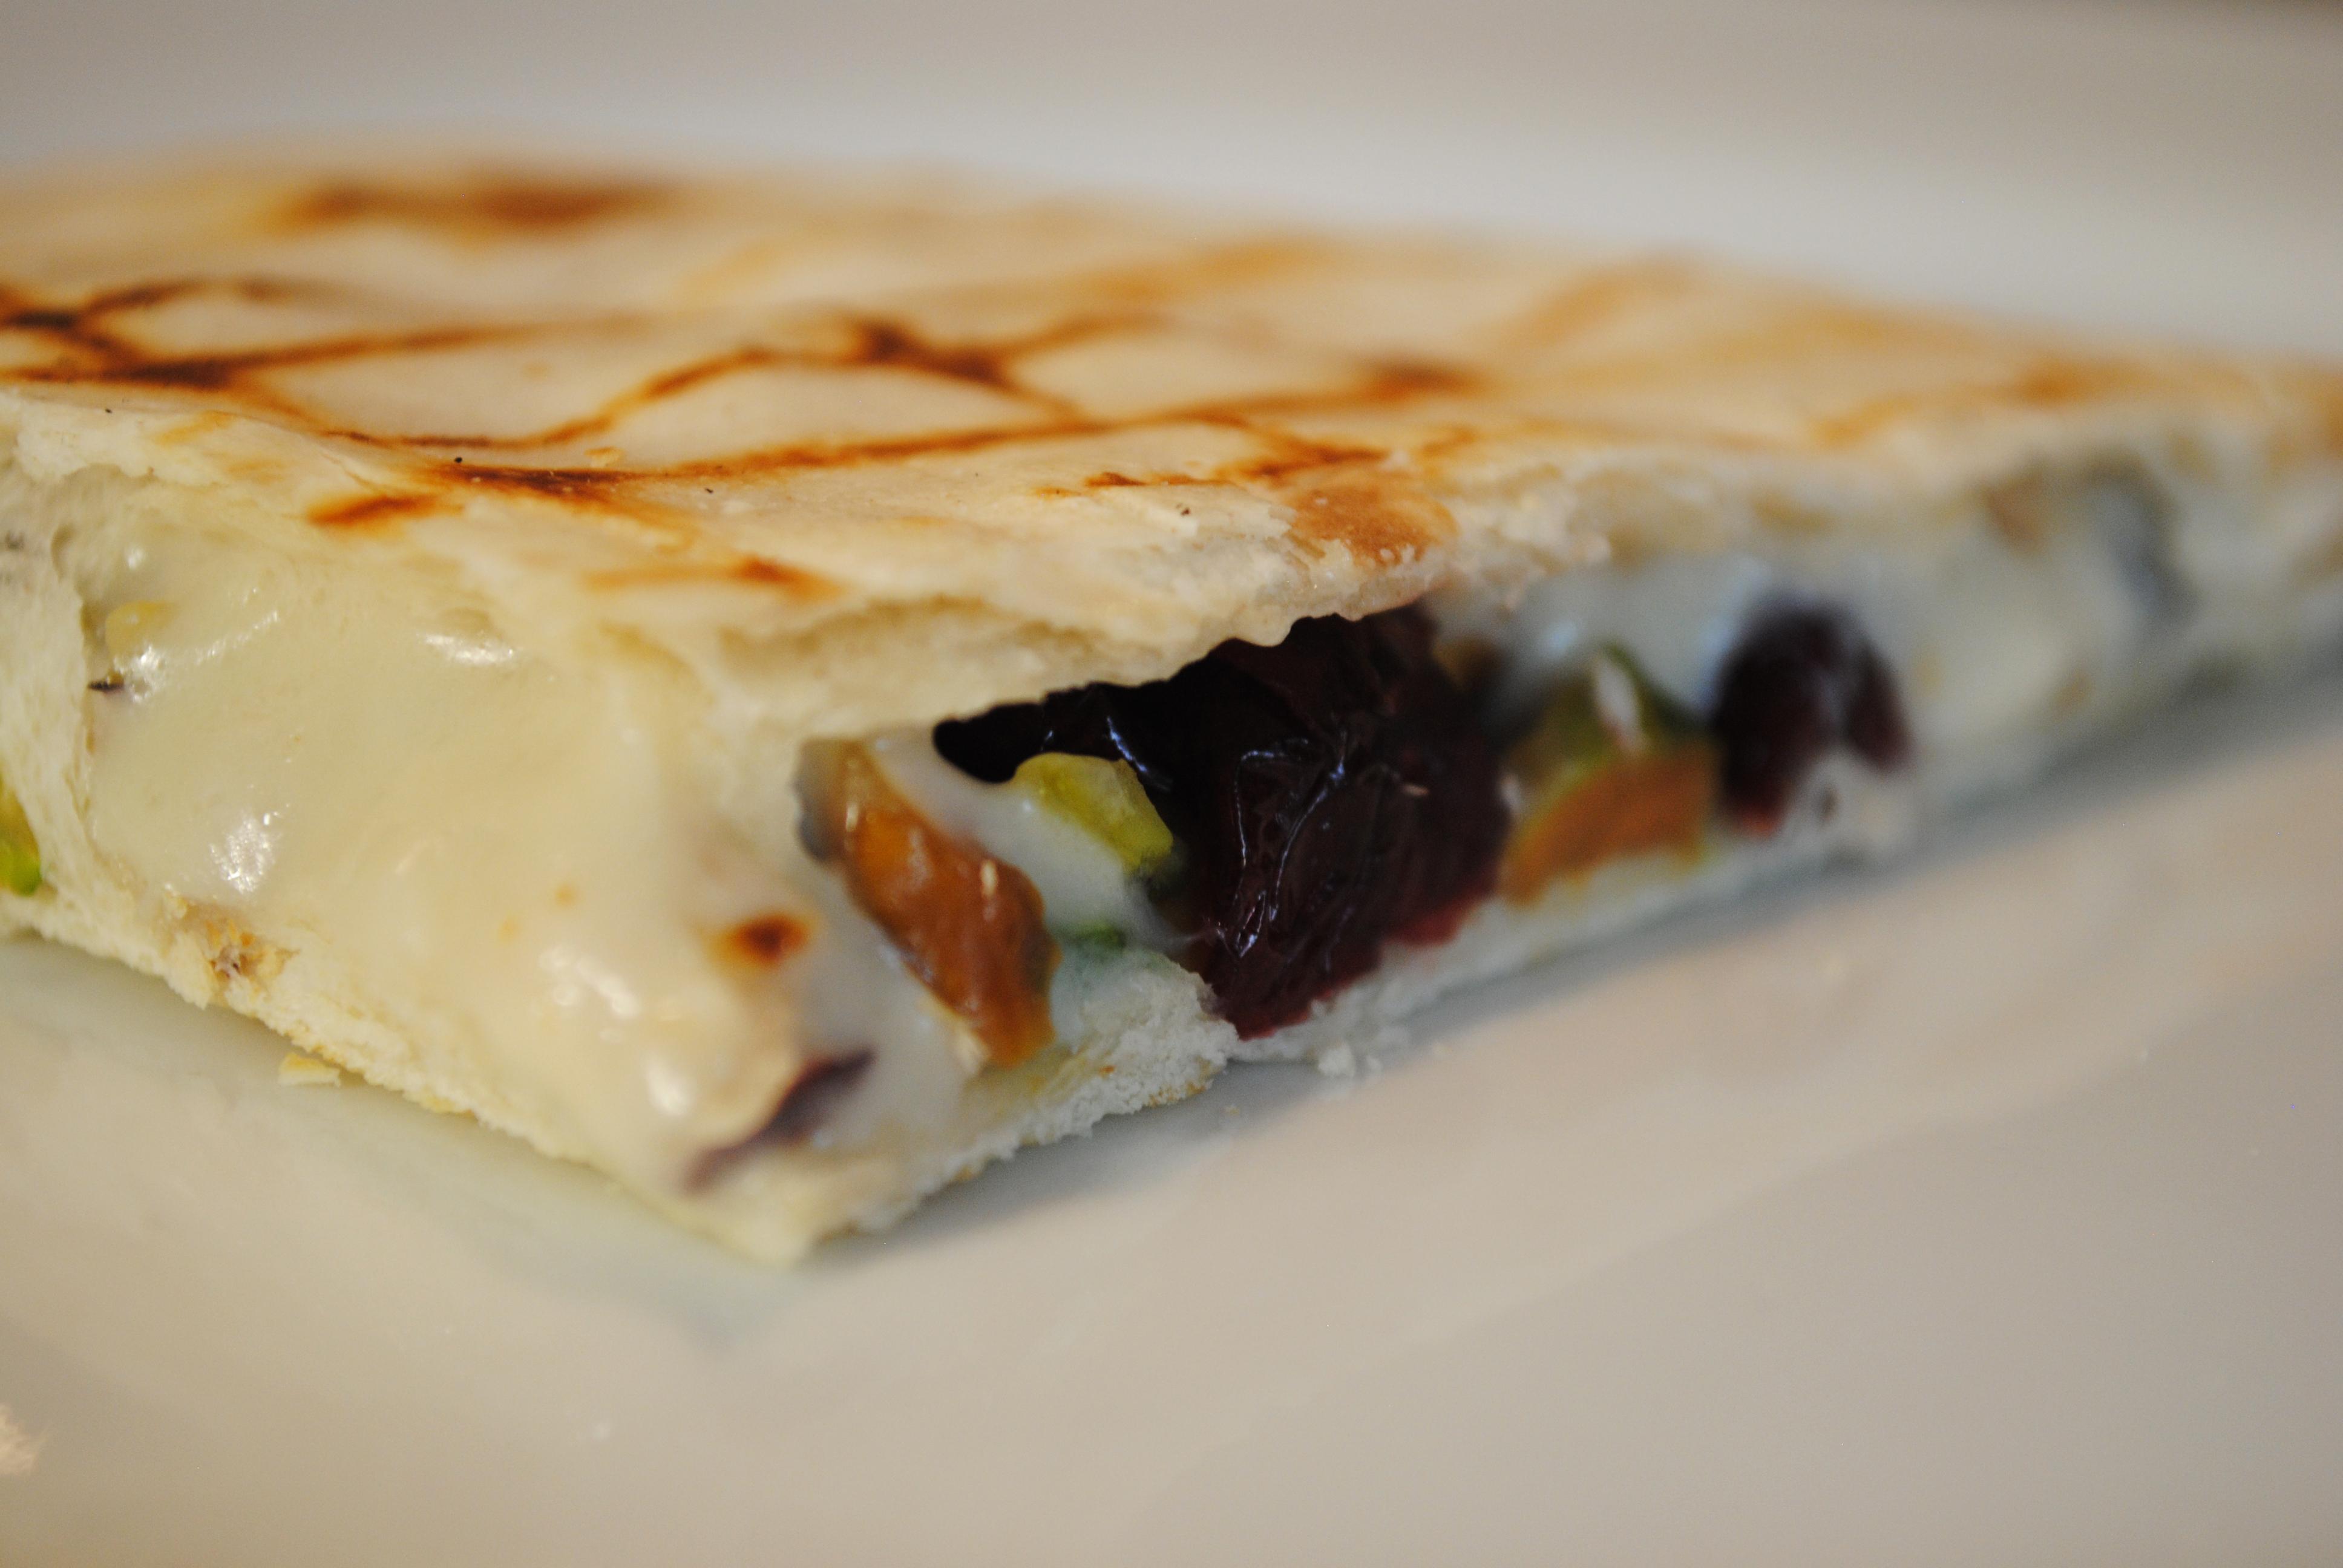 Vegan Grilled Cranberry Pistachio Quesadilla